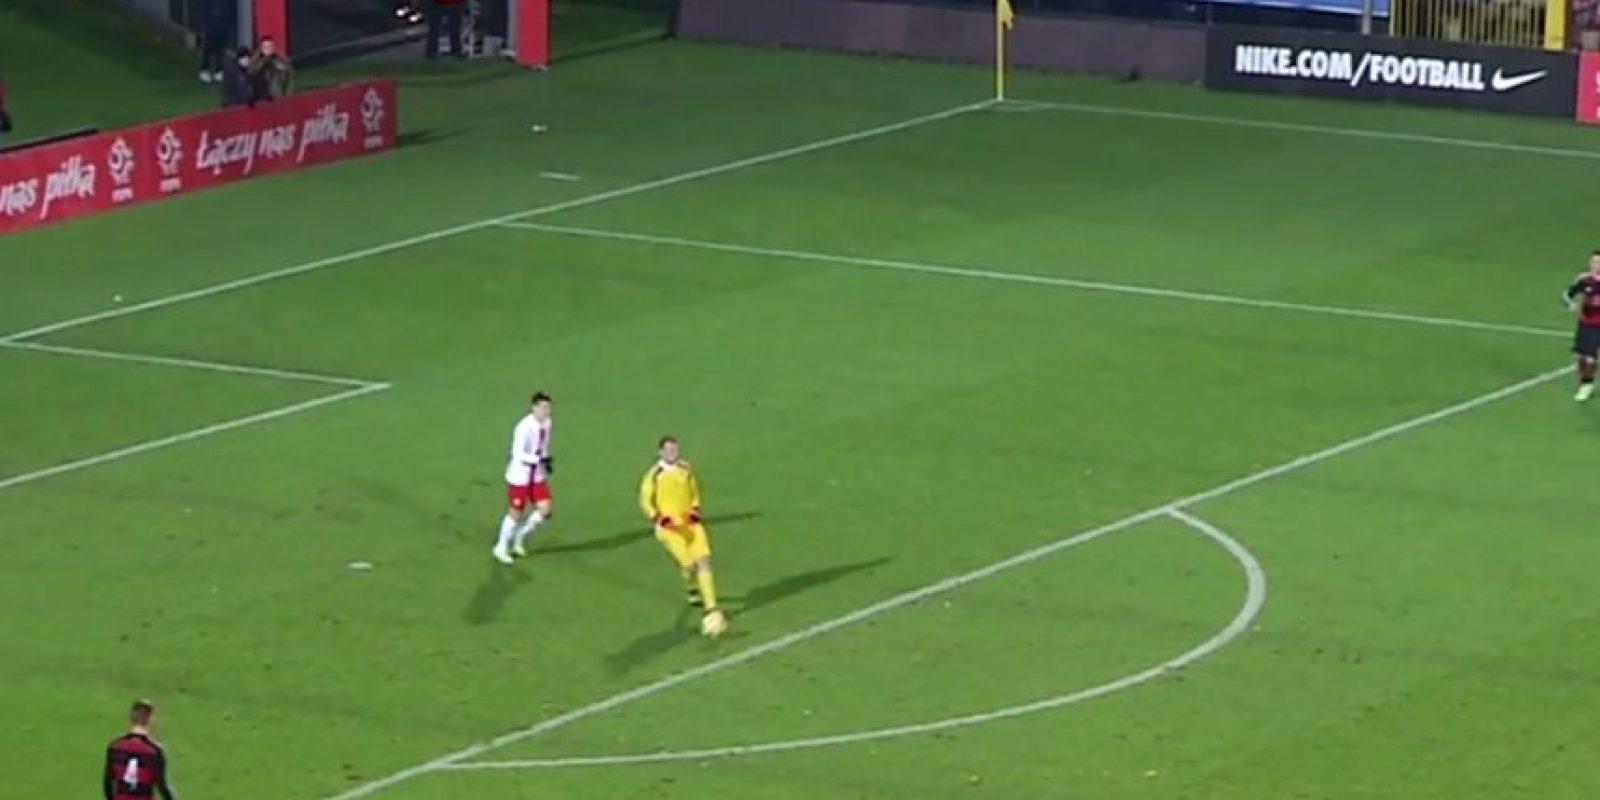 El portero de la Selección de Alemania Sub-20 le hizo un túnel a un delantero polaco adentro de su área grande Foto:Youtube: